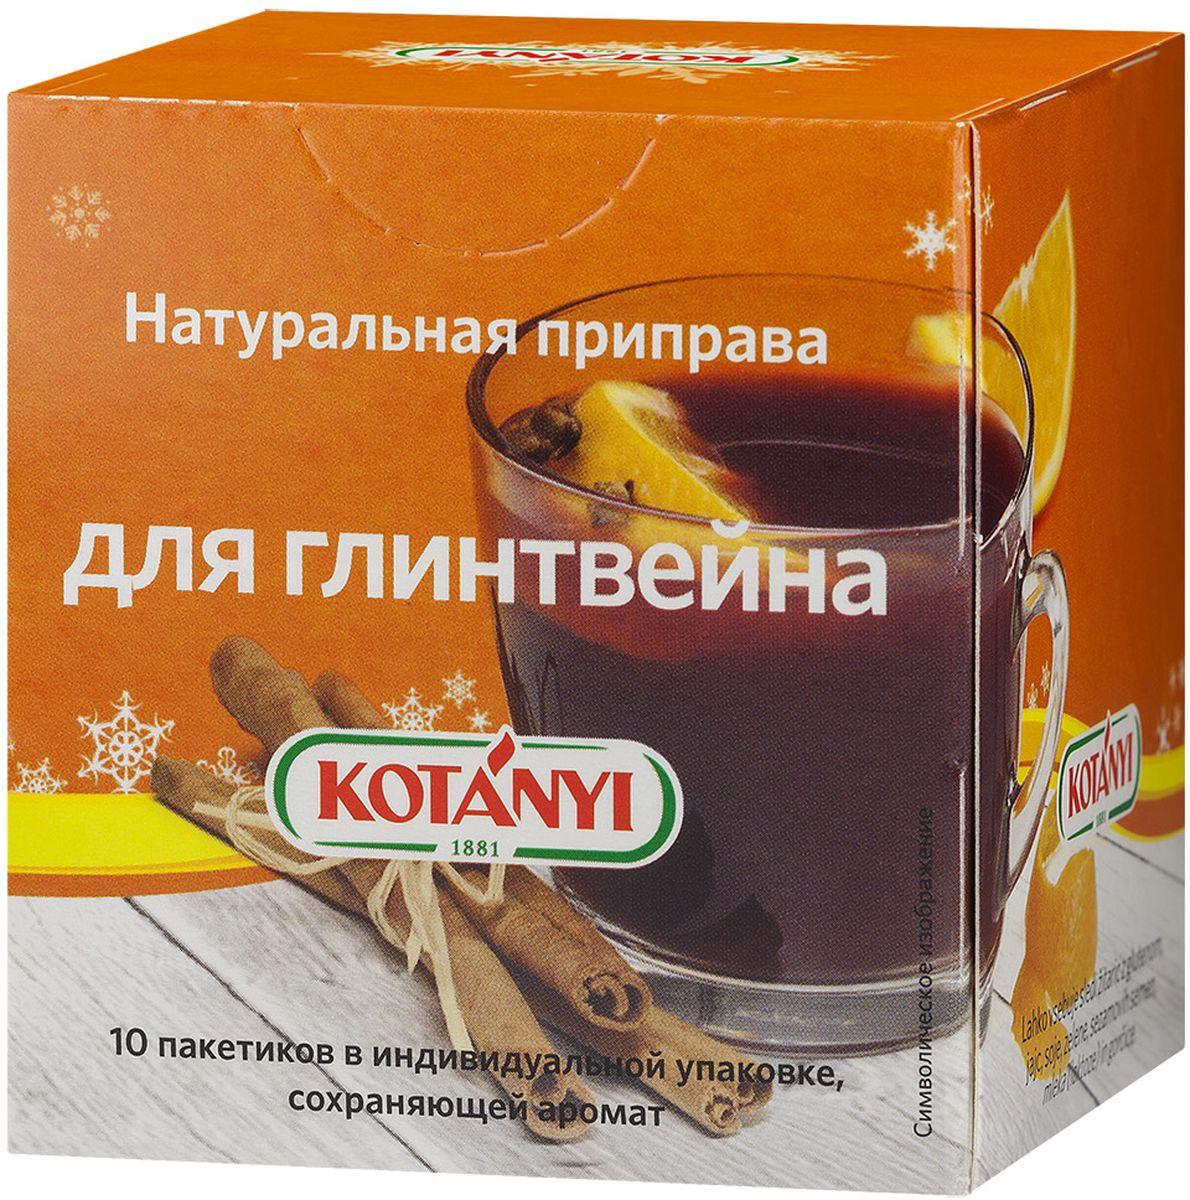 Kotanyi натуральная приправа для глинтвейна, 10 пакетиков по 1,5 г226611Ароматная корица и гвоздика в сочетании с фруктовой ноткой яблок и шиповника - классические ингредиенты традиционного австрийского глинтвейна. Горячий глинтвейн Kotanyi с горьковато-сладкой апельсиновой цедрой, имбирем и ноткой ванили согреет вас зимними вечерами.